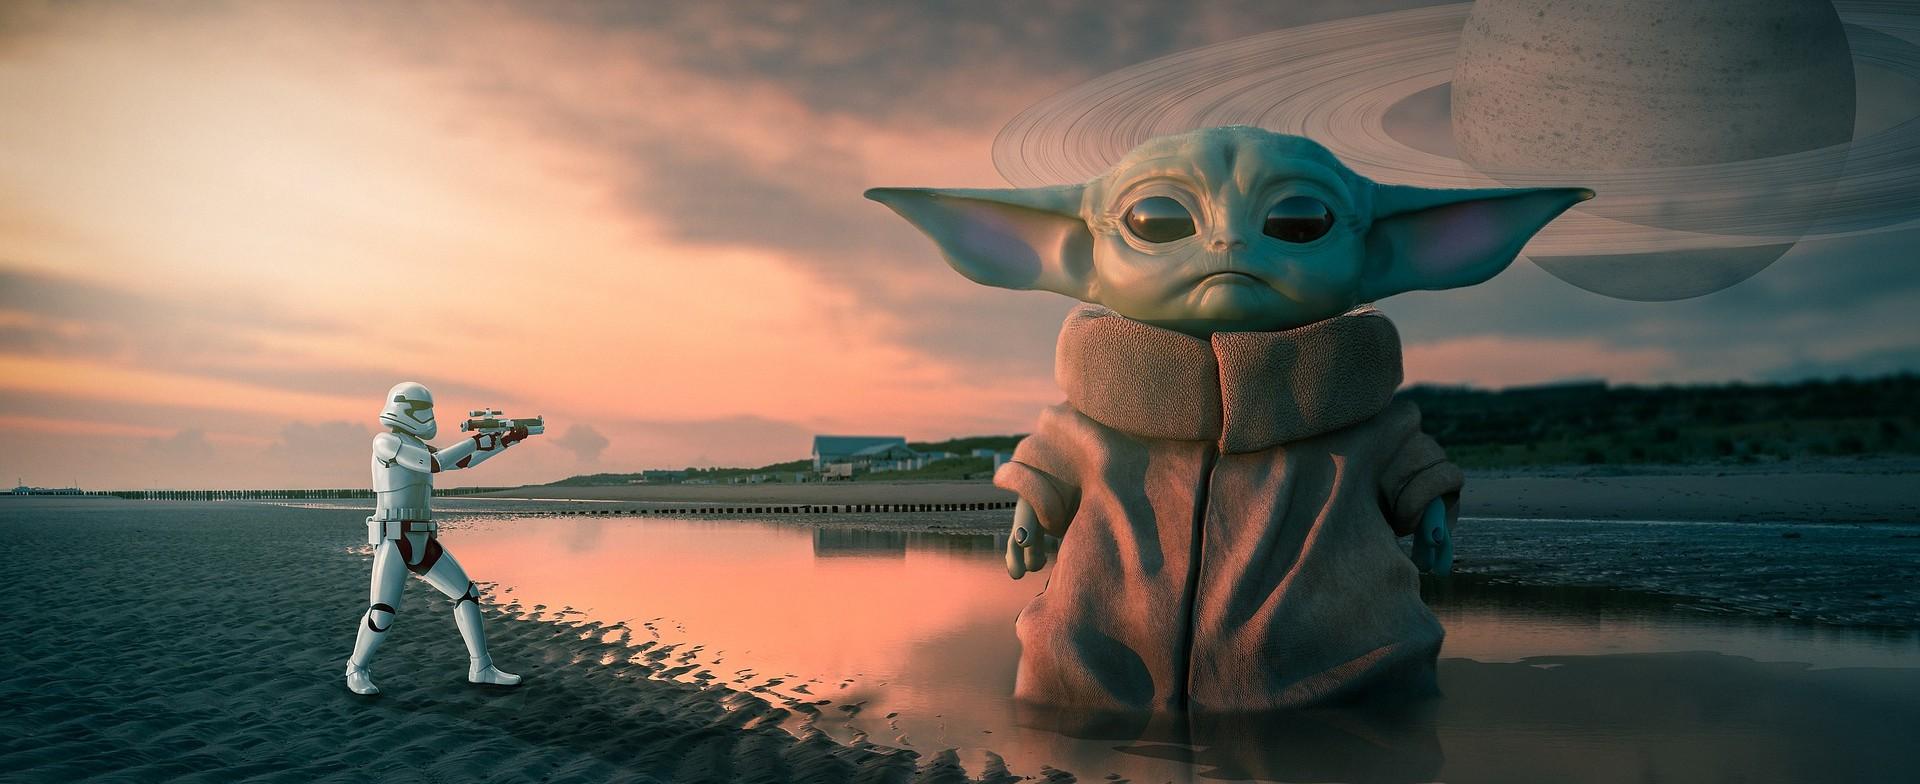 Baby Yoda Pixabay